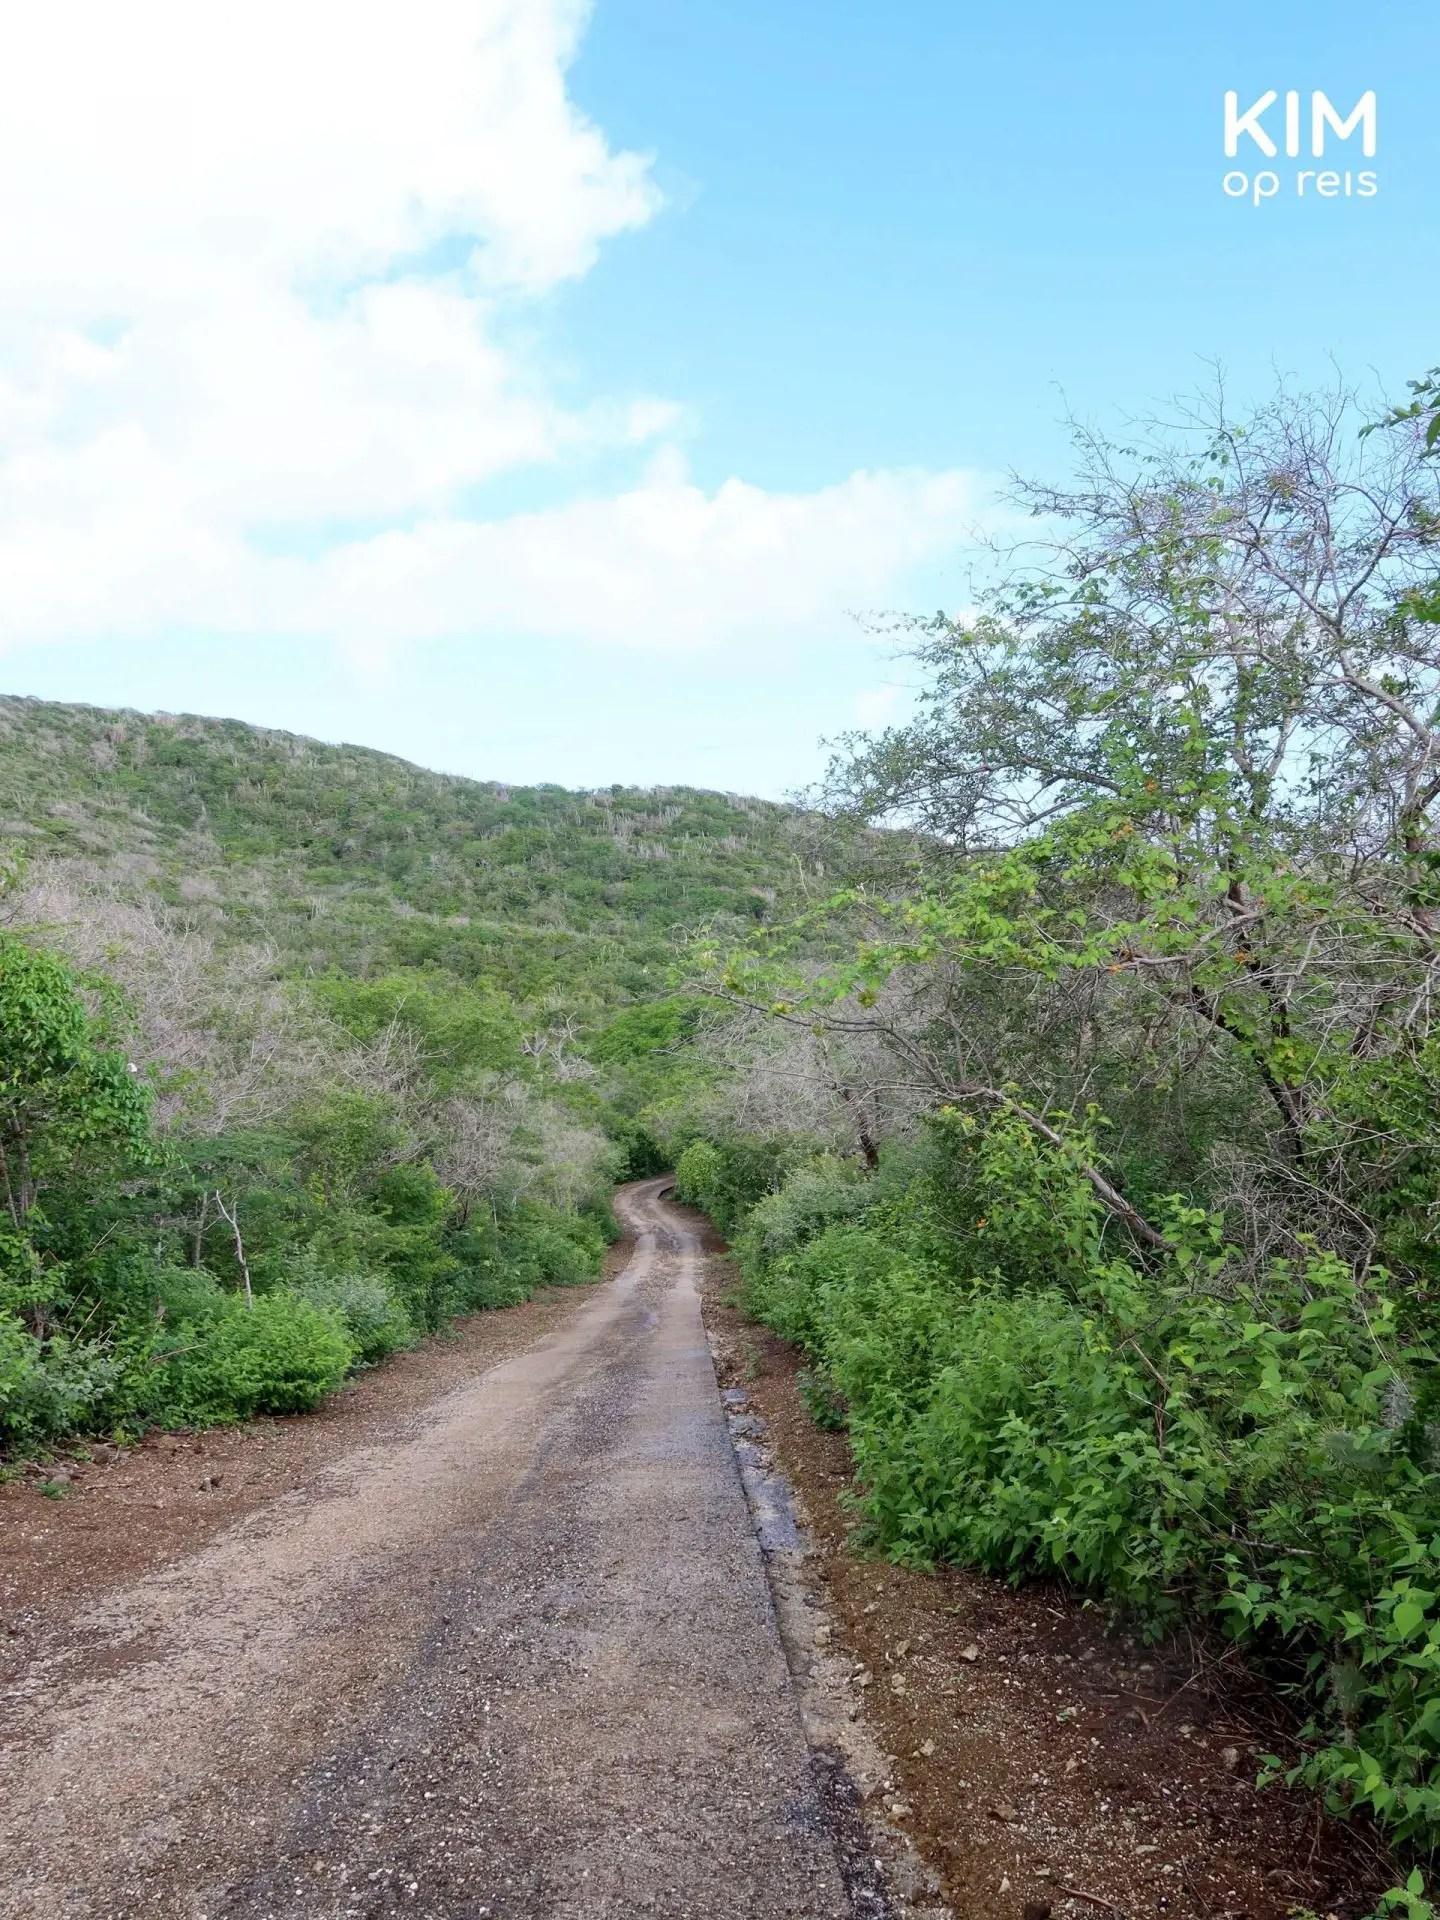 Autoroute Christoffelberg asfalt Curaçao: natte asfaltweg door heuvelachtig landschap